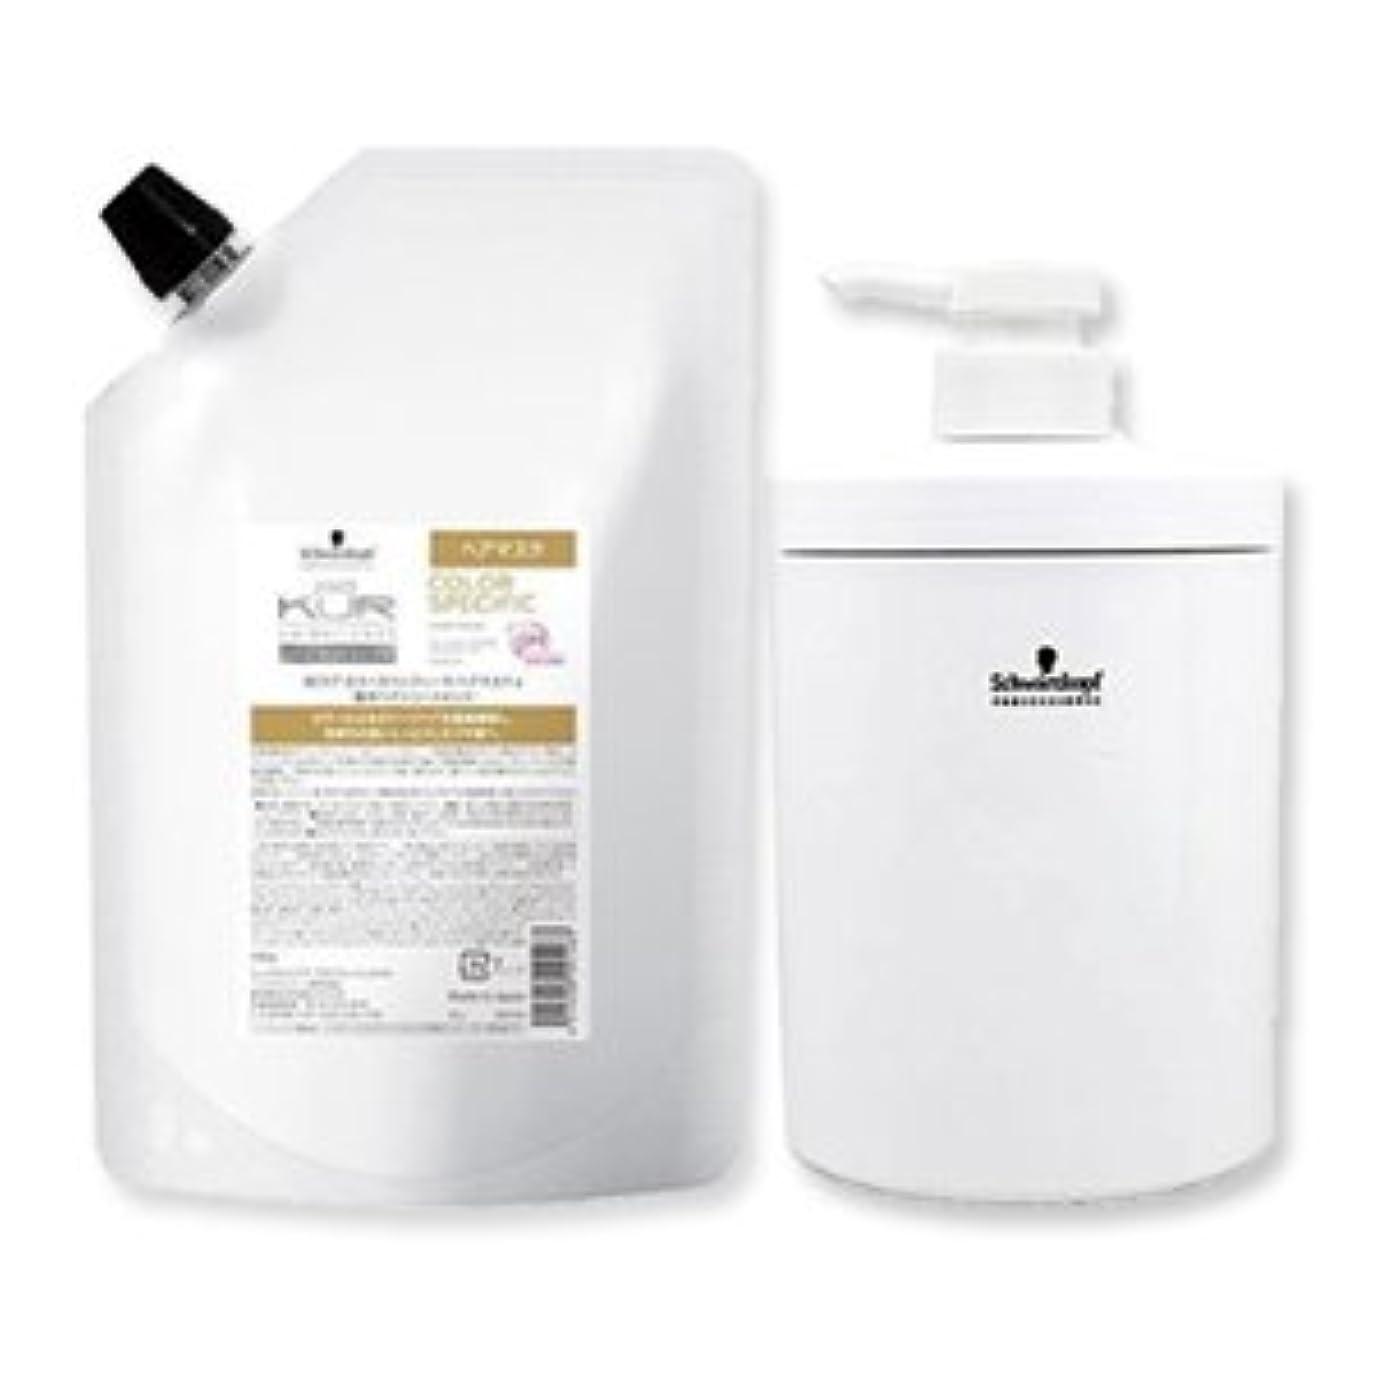 アスレチックアリスオーロックシュワルツコフ BCクア カラースペシフィーク ヘアマスク a 500g 詰め替え + エアレスポンプボトル(空容器) セット